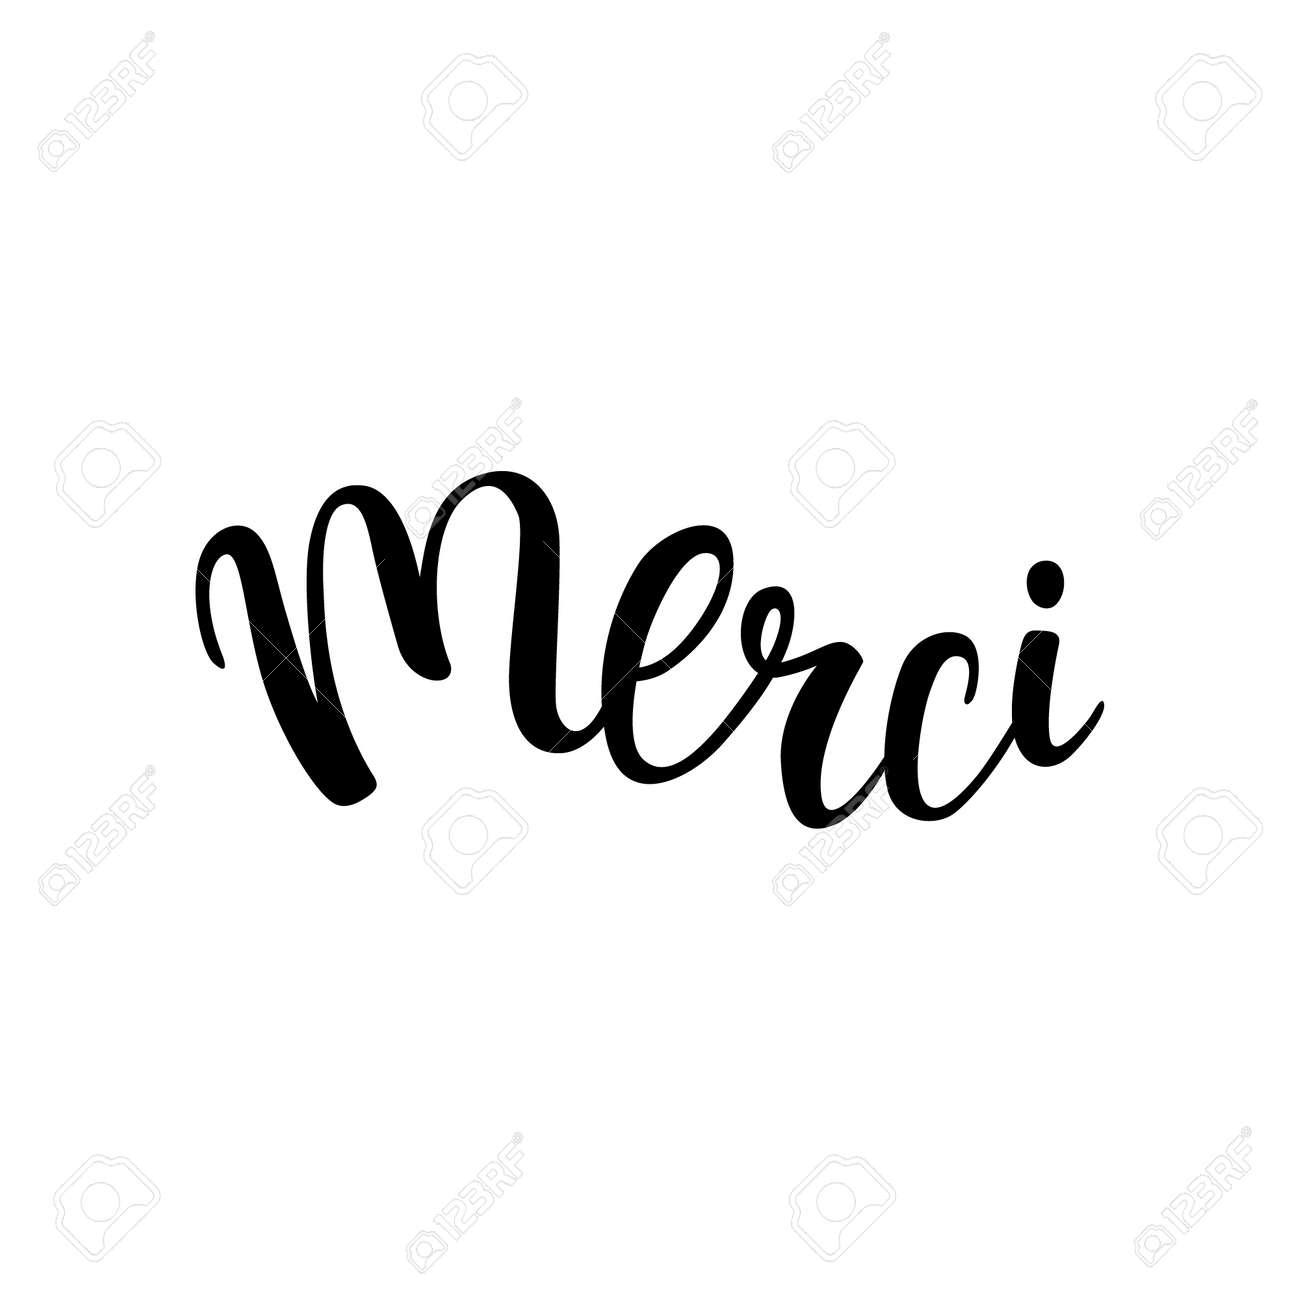 Französischglische bildunterschriften danke foto 2